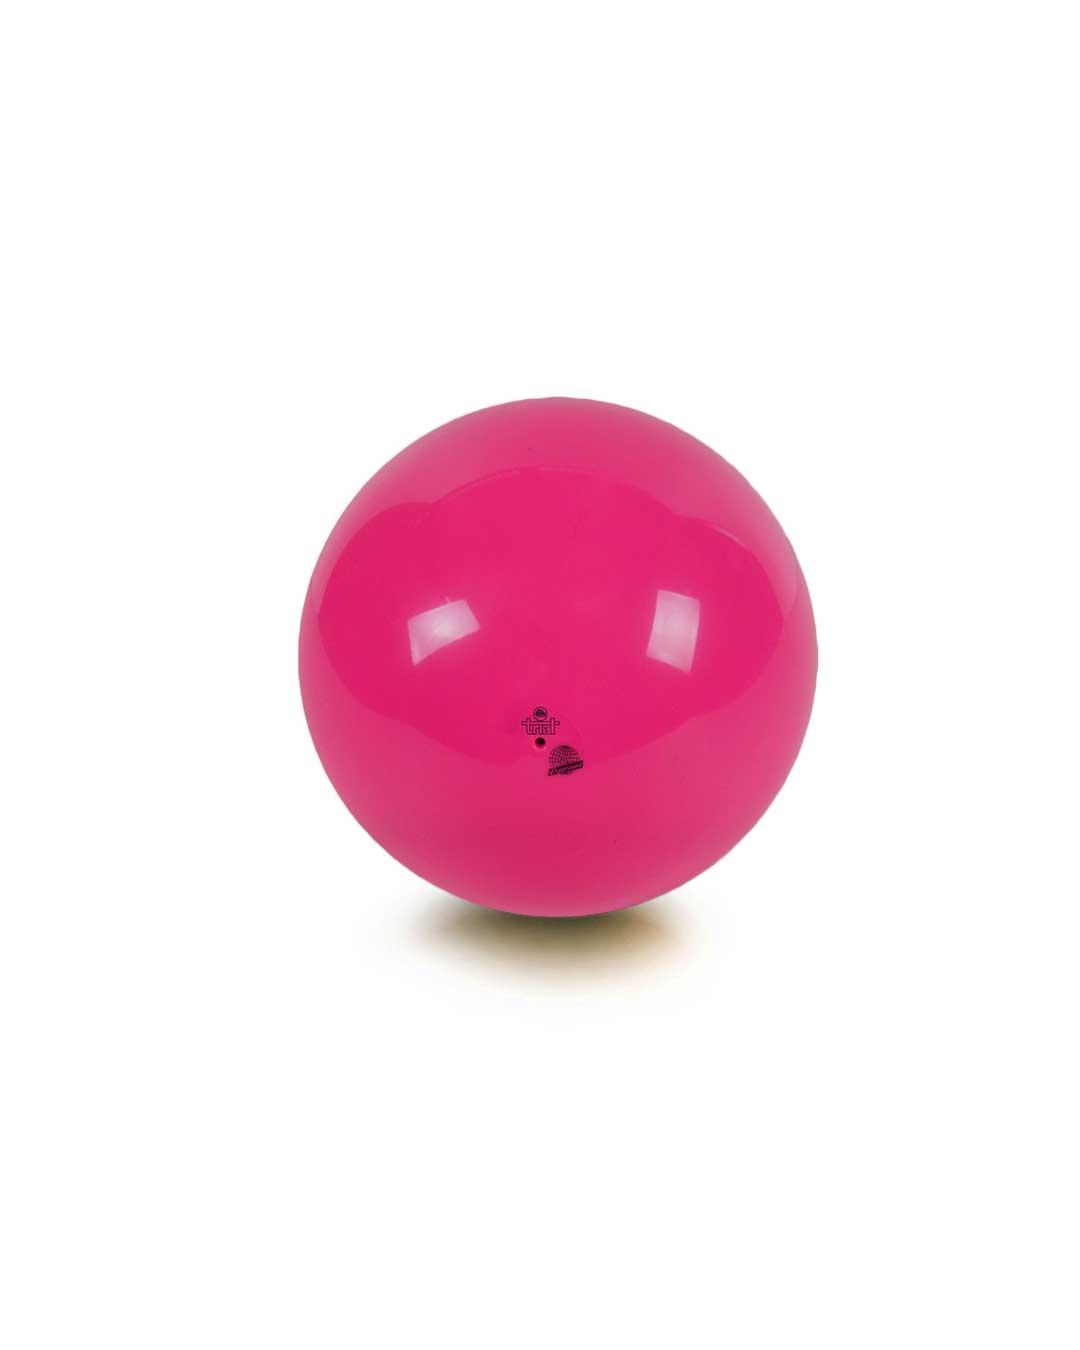 Balón de gimnasia rítmica – Marca Trial color rosado 19 cm (certificado FIG)